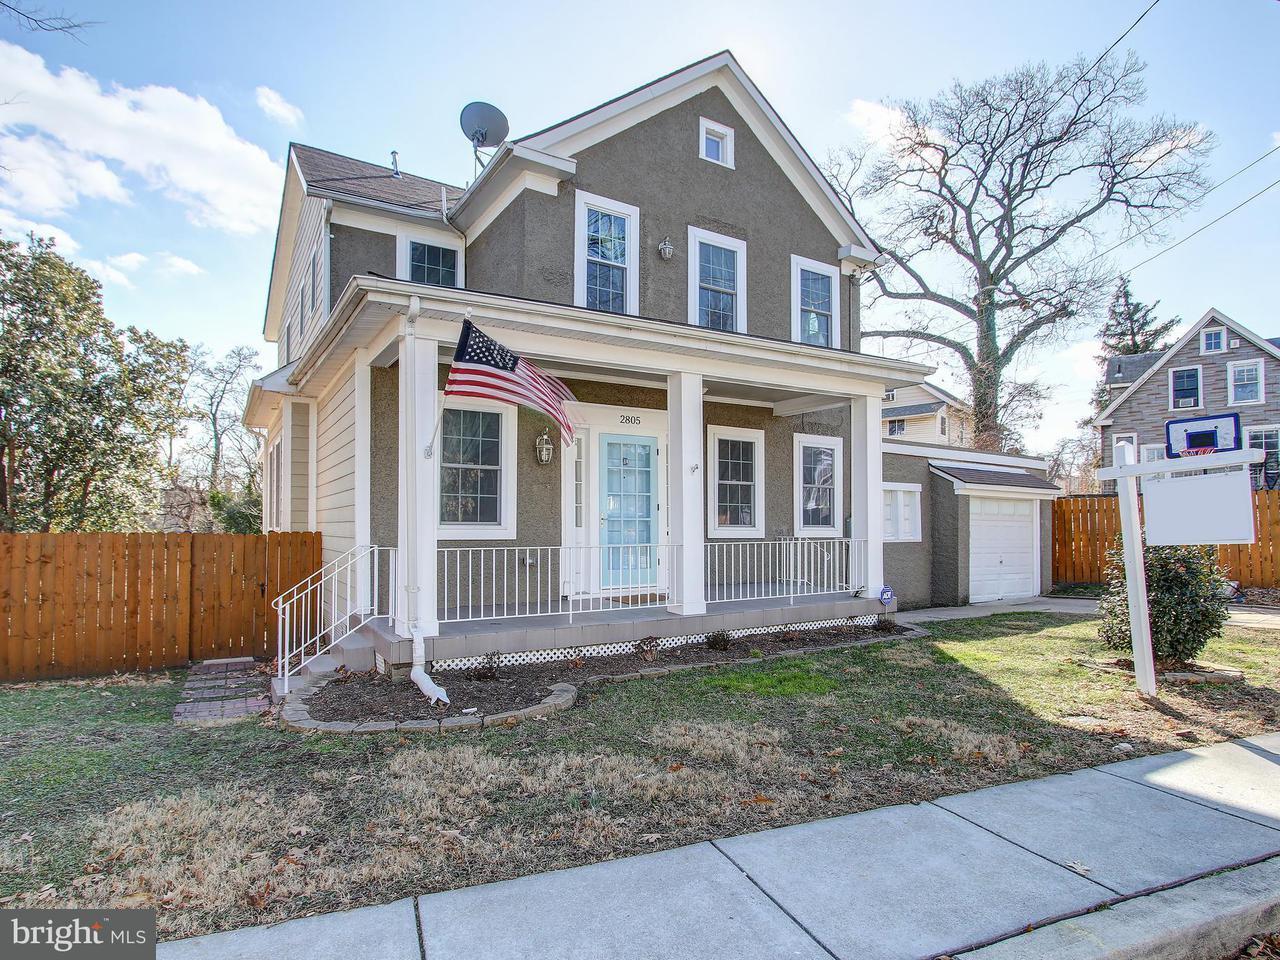 Eensgezinswoning voor Verkoop een t 2805 Brentwood Rd Ne 2805 Brentwood Rd Ne Washington, District Of Columbia 20018 Verenigde Staten